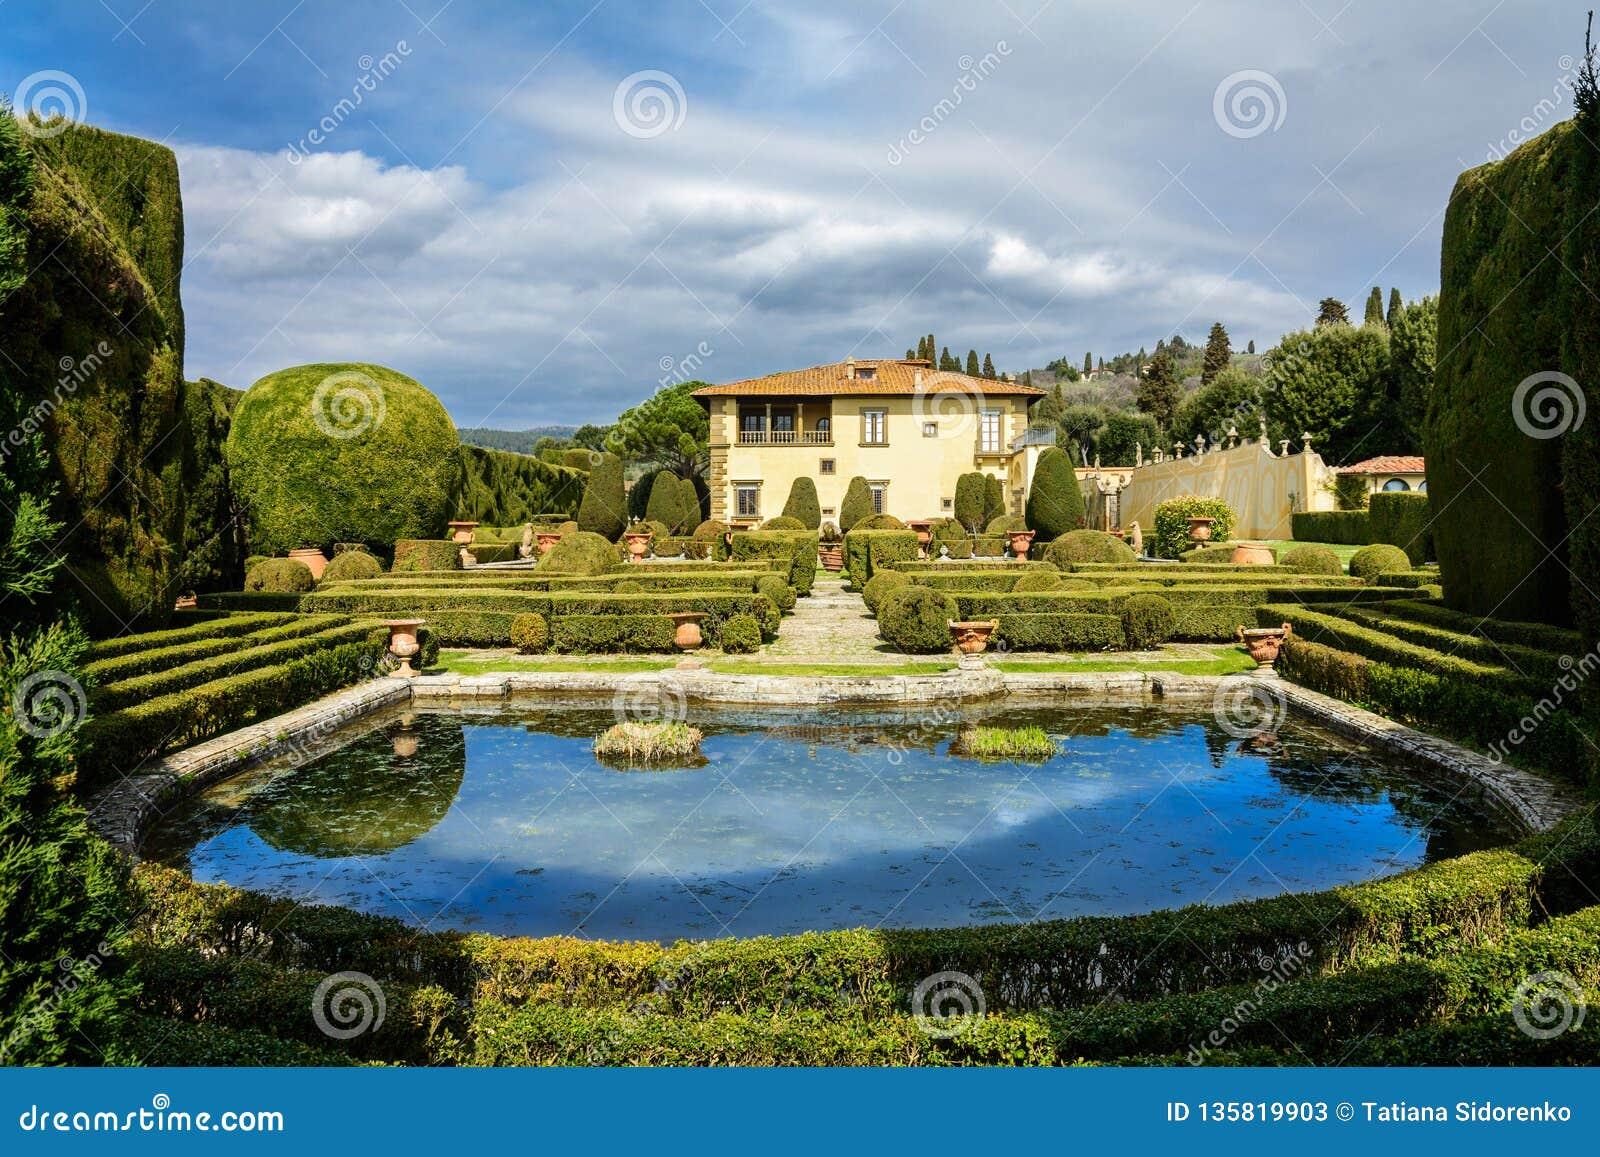 Villa Gambera med en sjö och trädgårdar i staden av Settignano tuscany